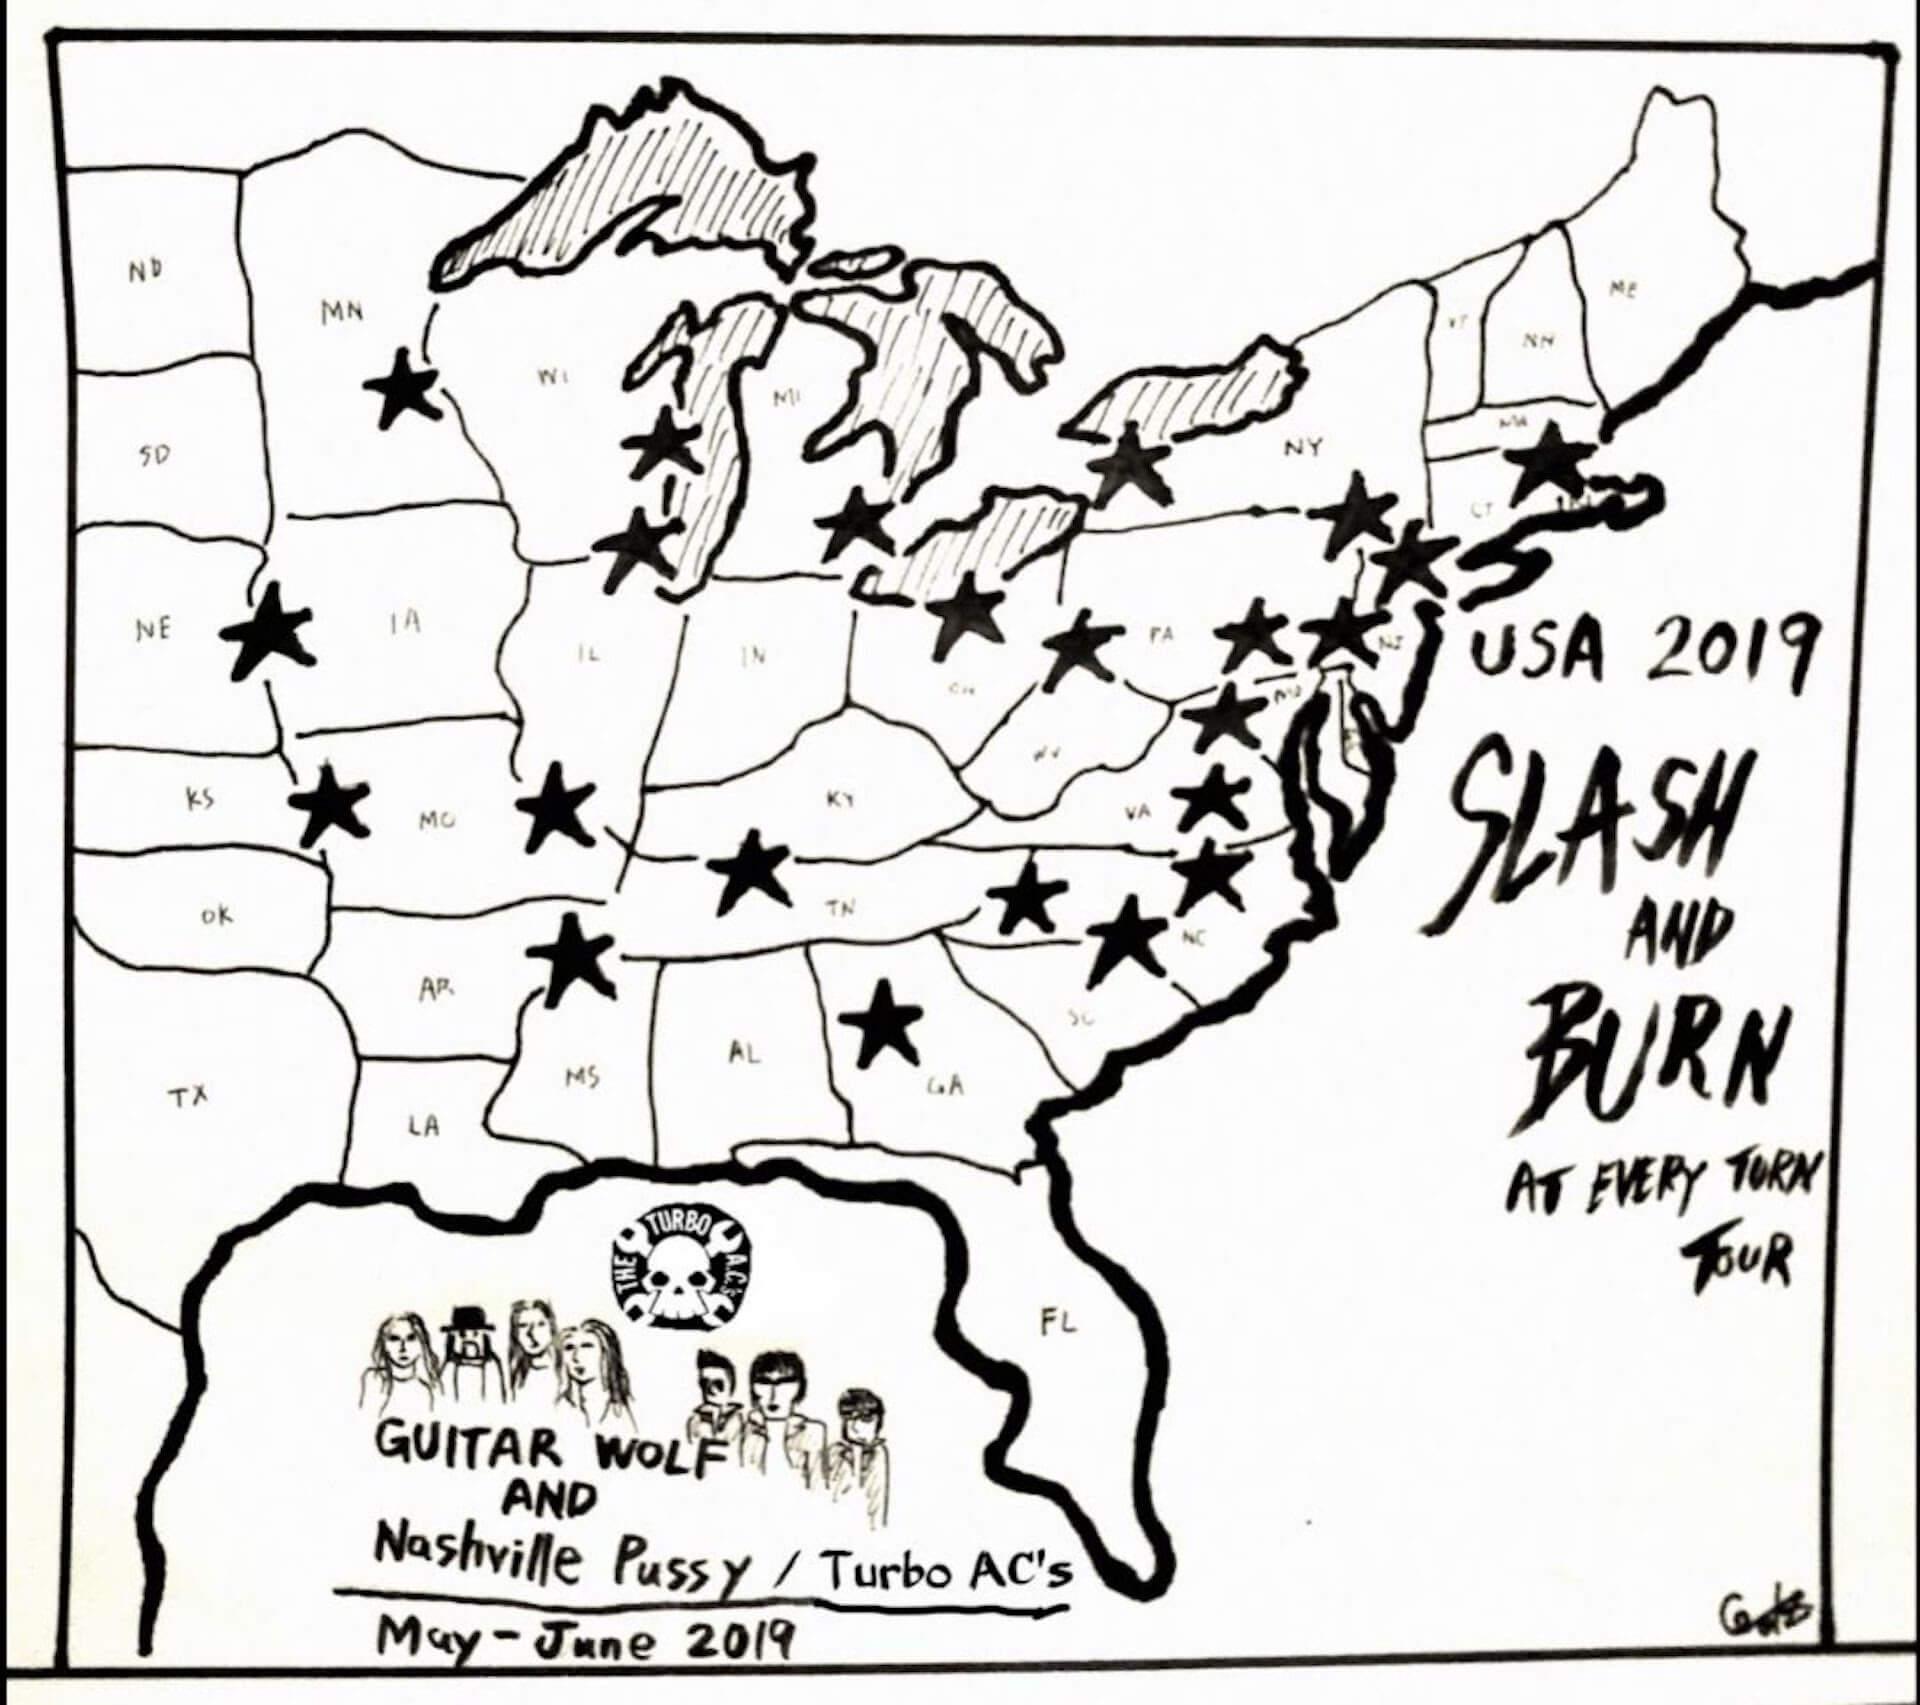 【前編】アメリカに熱狂をもたらす革ジャンの漢たち ギターウルフのアメリカツアー密着レポ column1909-guiterwolf-24